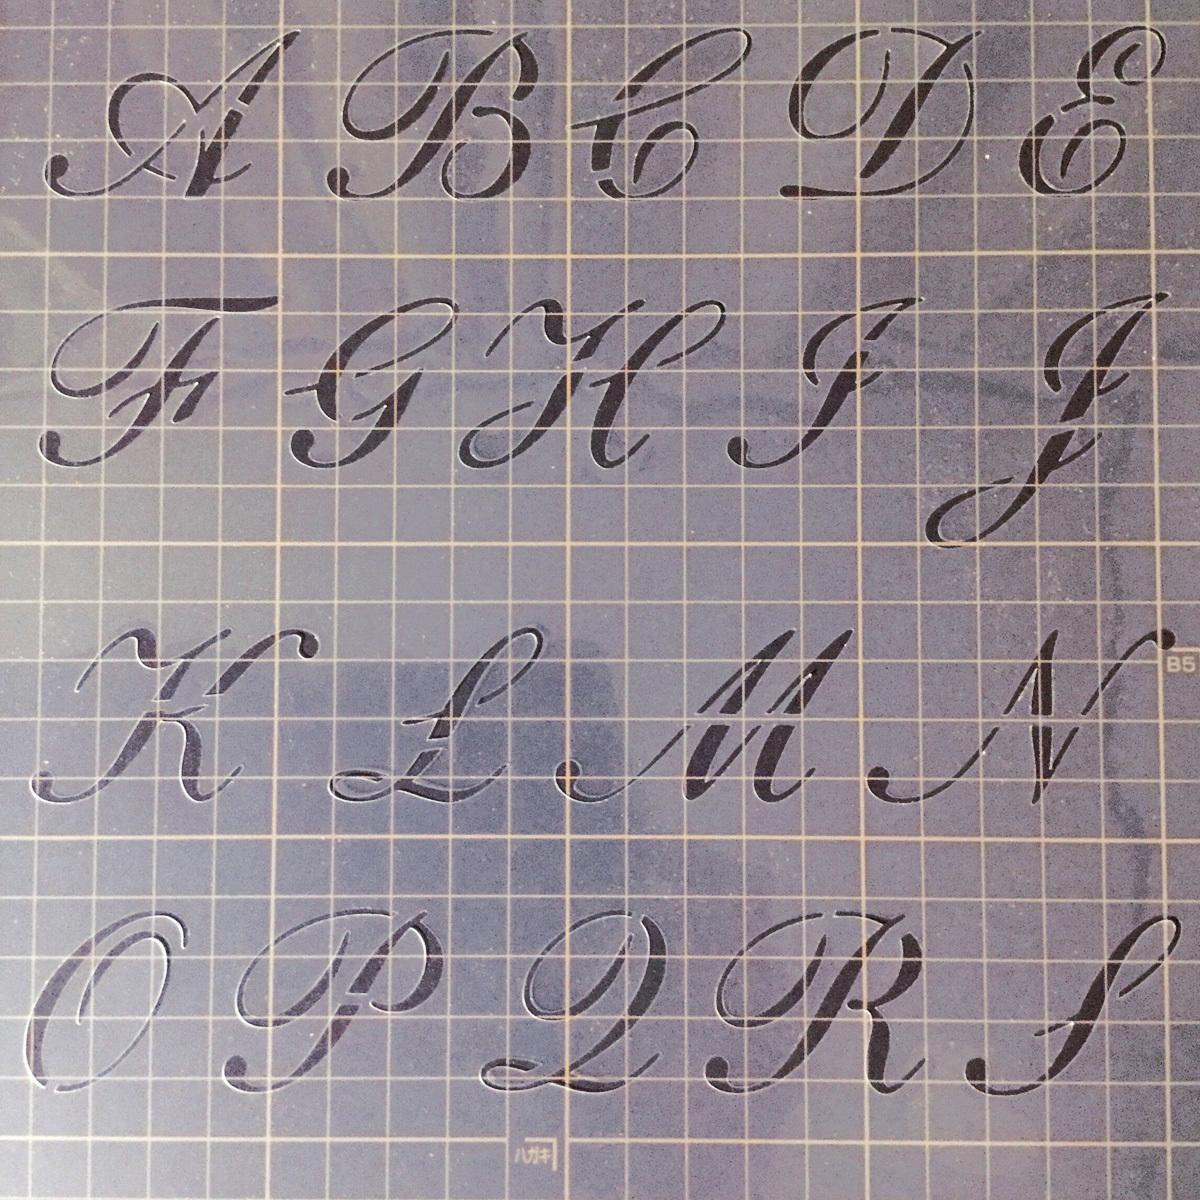 スクリプト欧文書体①番 アルファベット 大文字 サイズ縦3センチ基準 sb1 ステンシルシート NO121_画像7